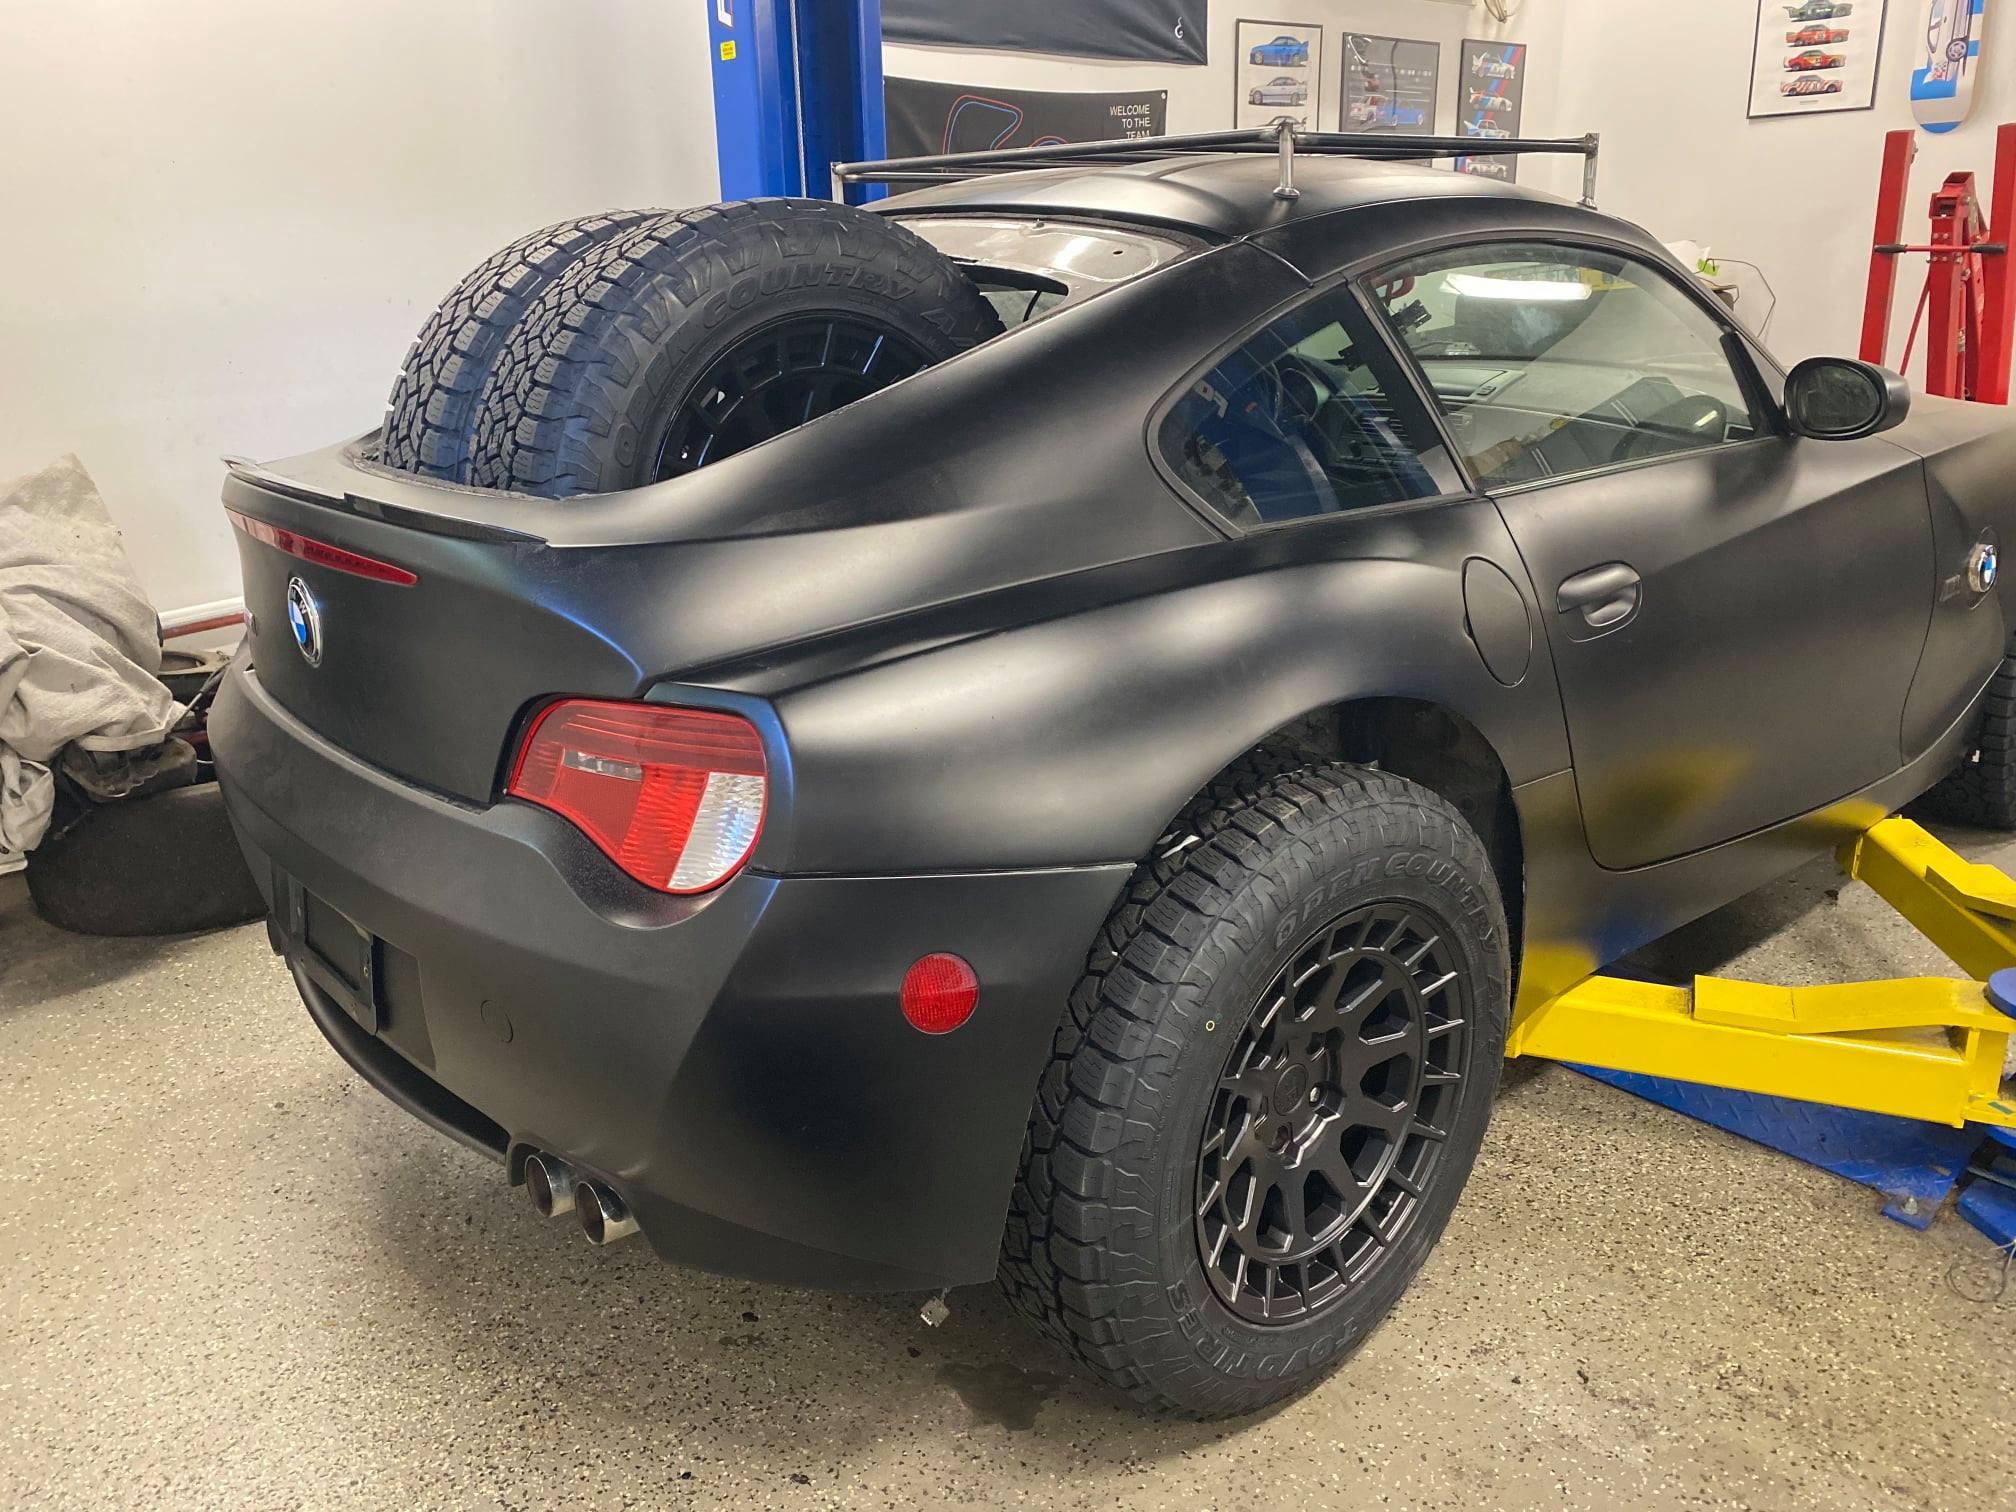 BMW-Z4-M-Coupe-Safari-Fischer-13